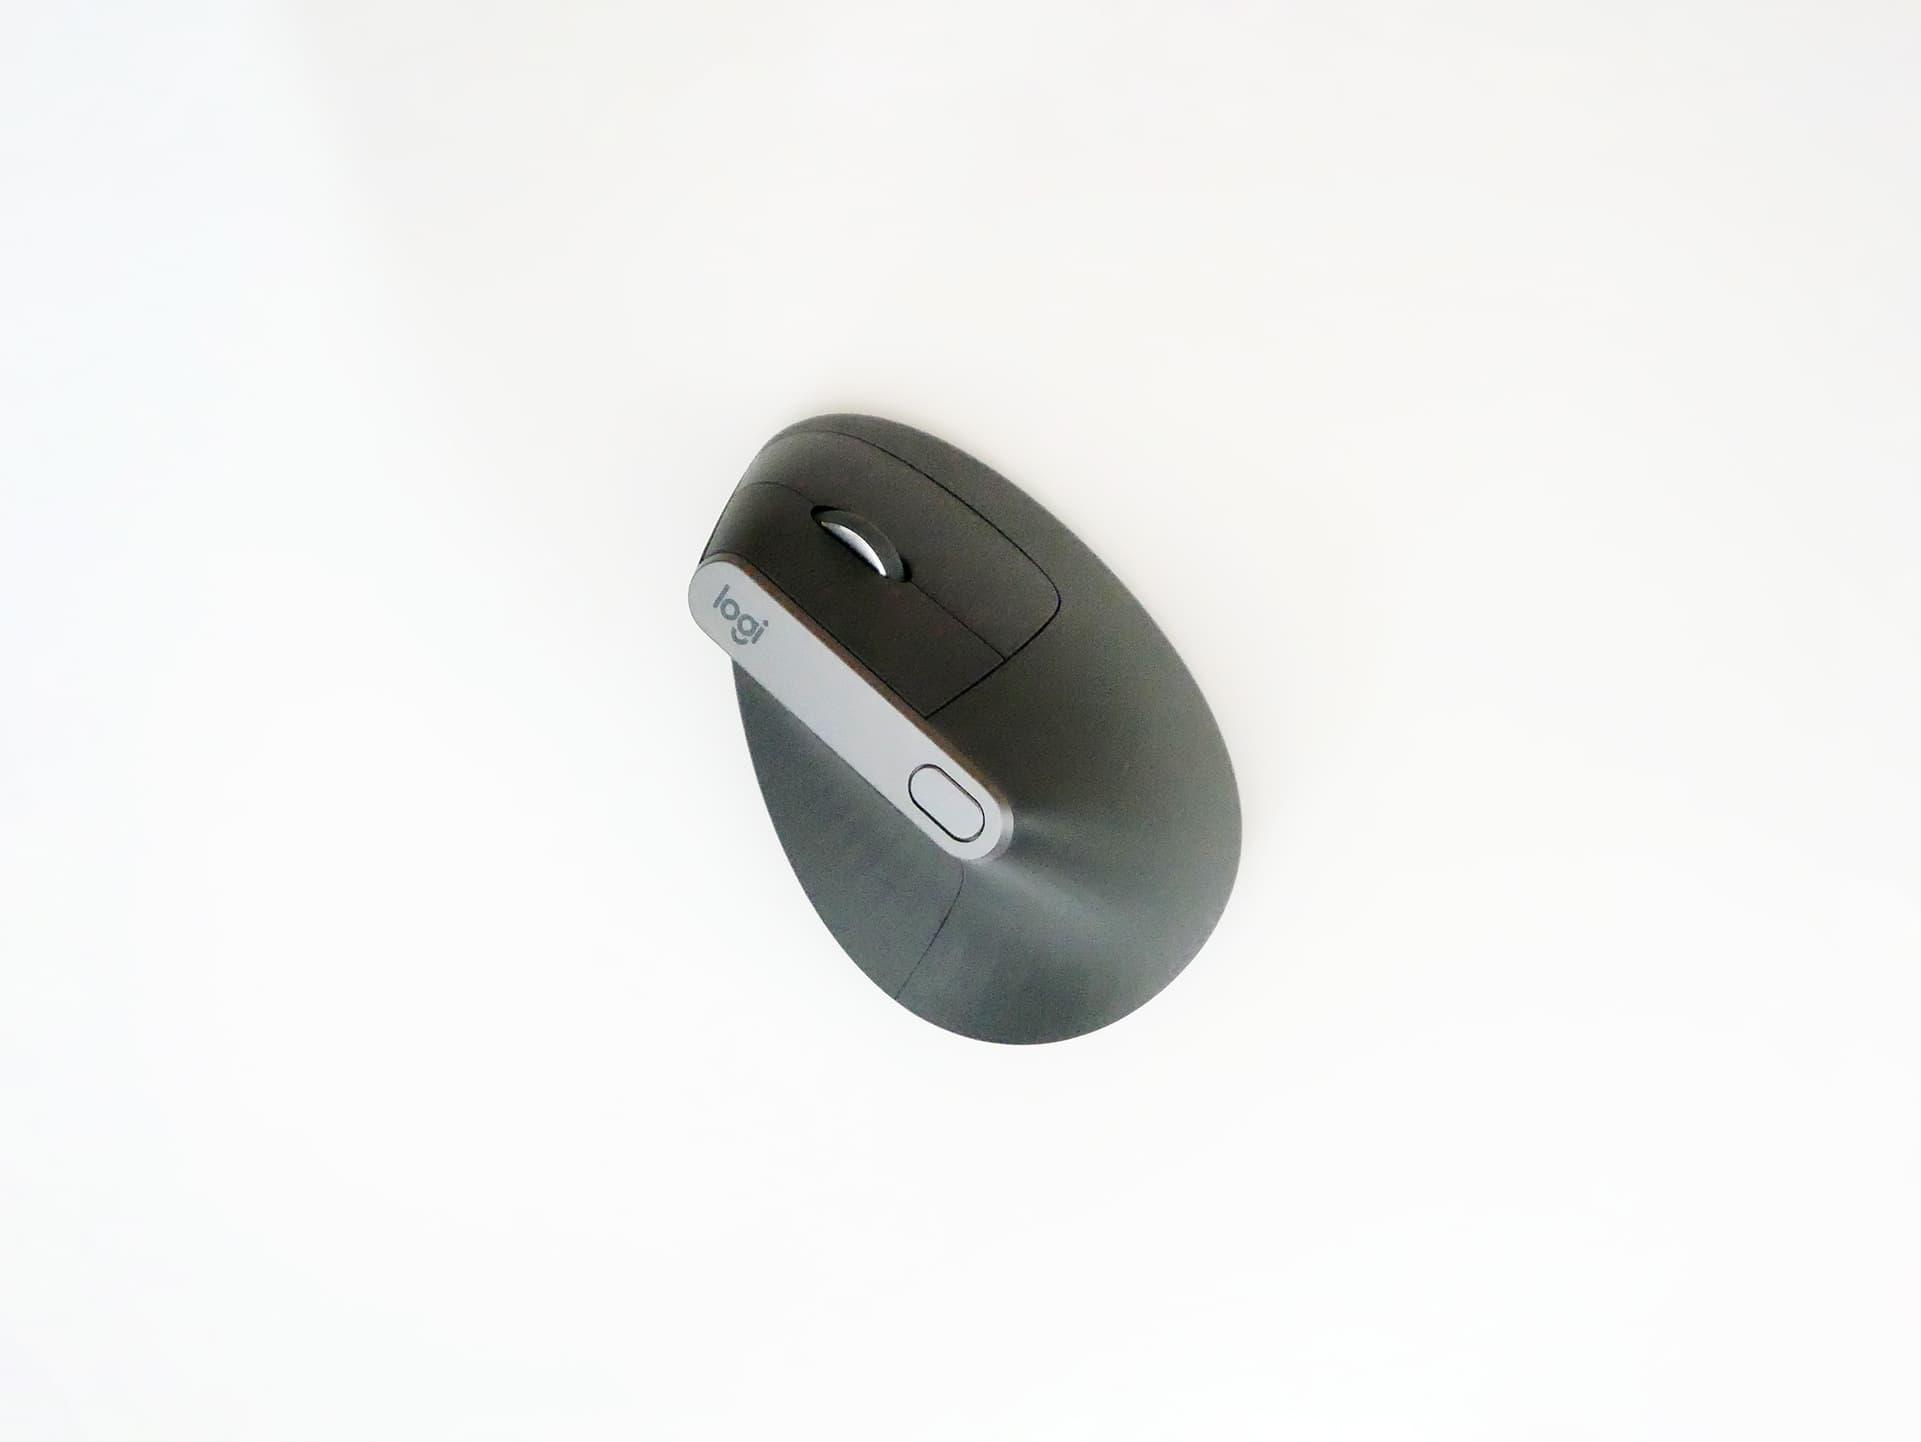 握手のように握る形の縦型マウス Logicool MX Vertical - Fudangear